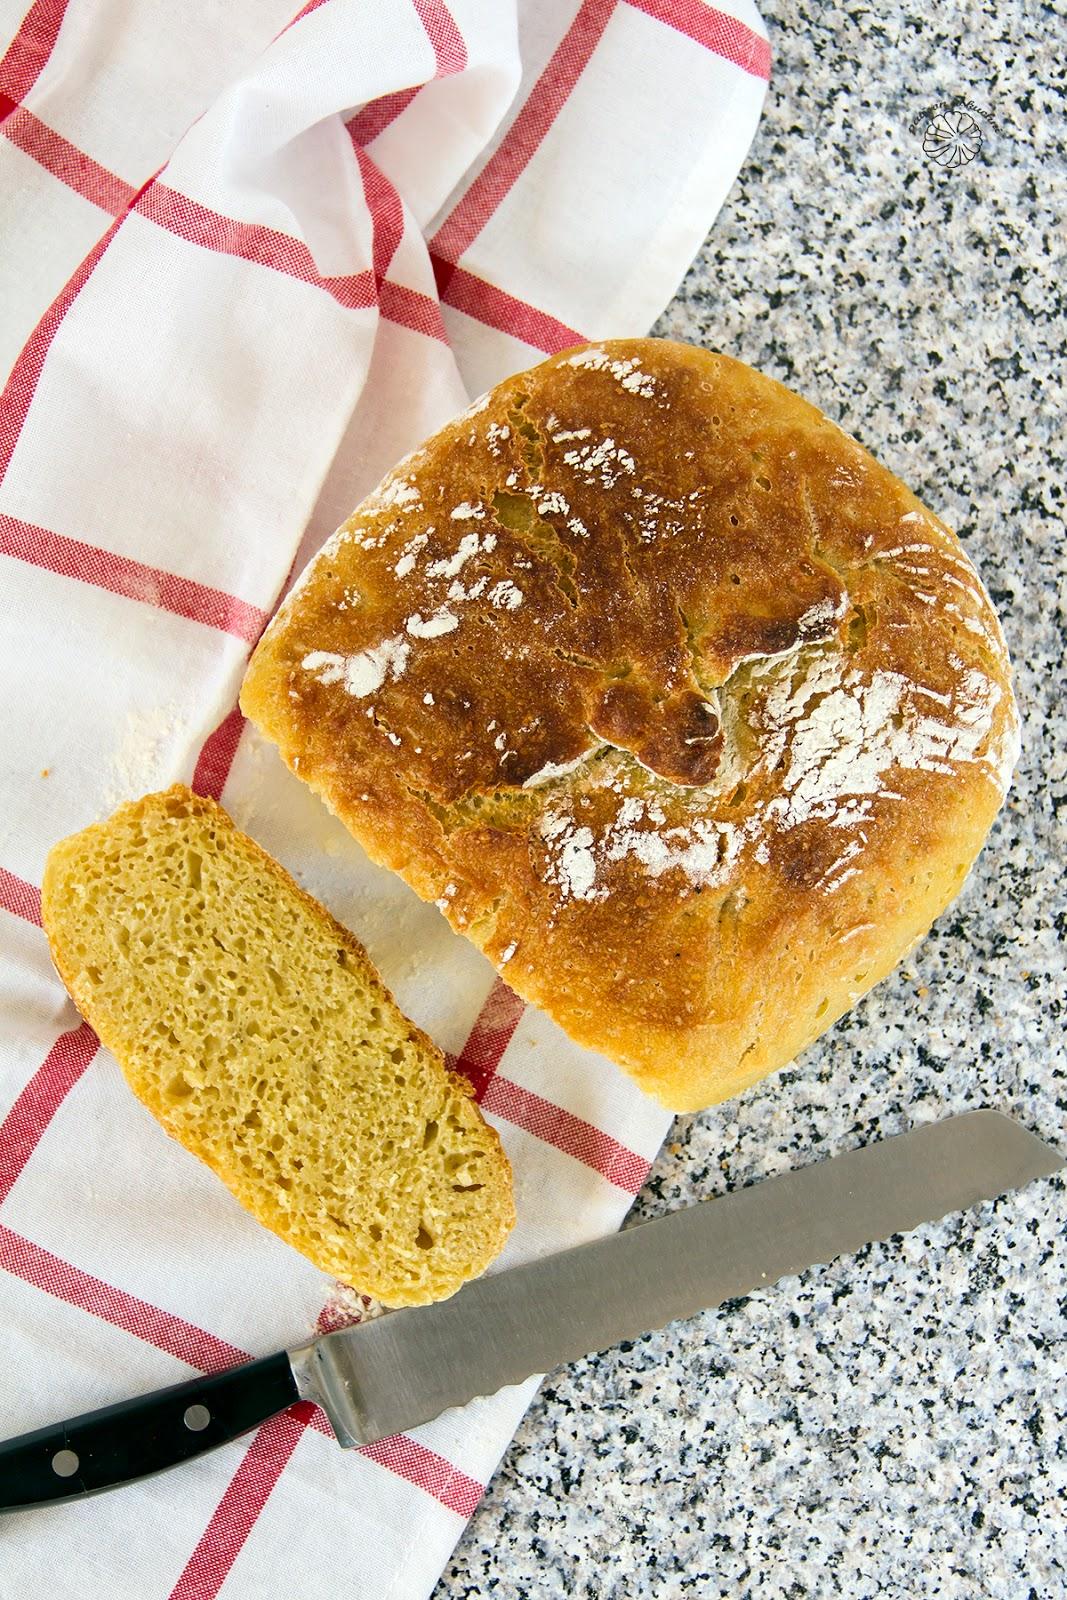 Chleb pszenno-kukurydziany pieczony w garnku rzymskim.